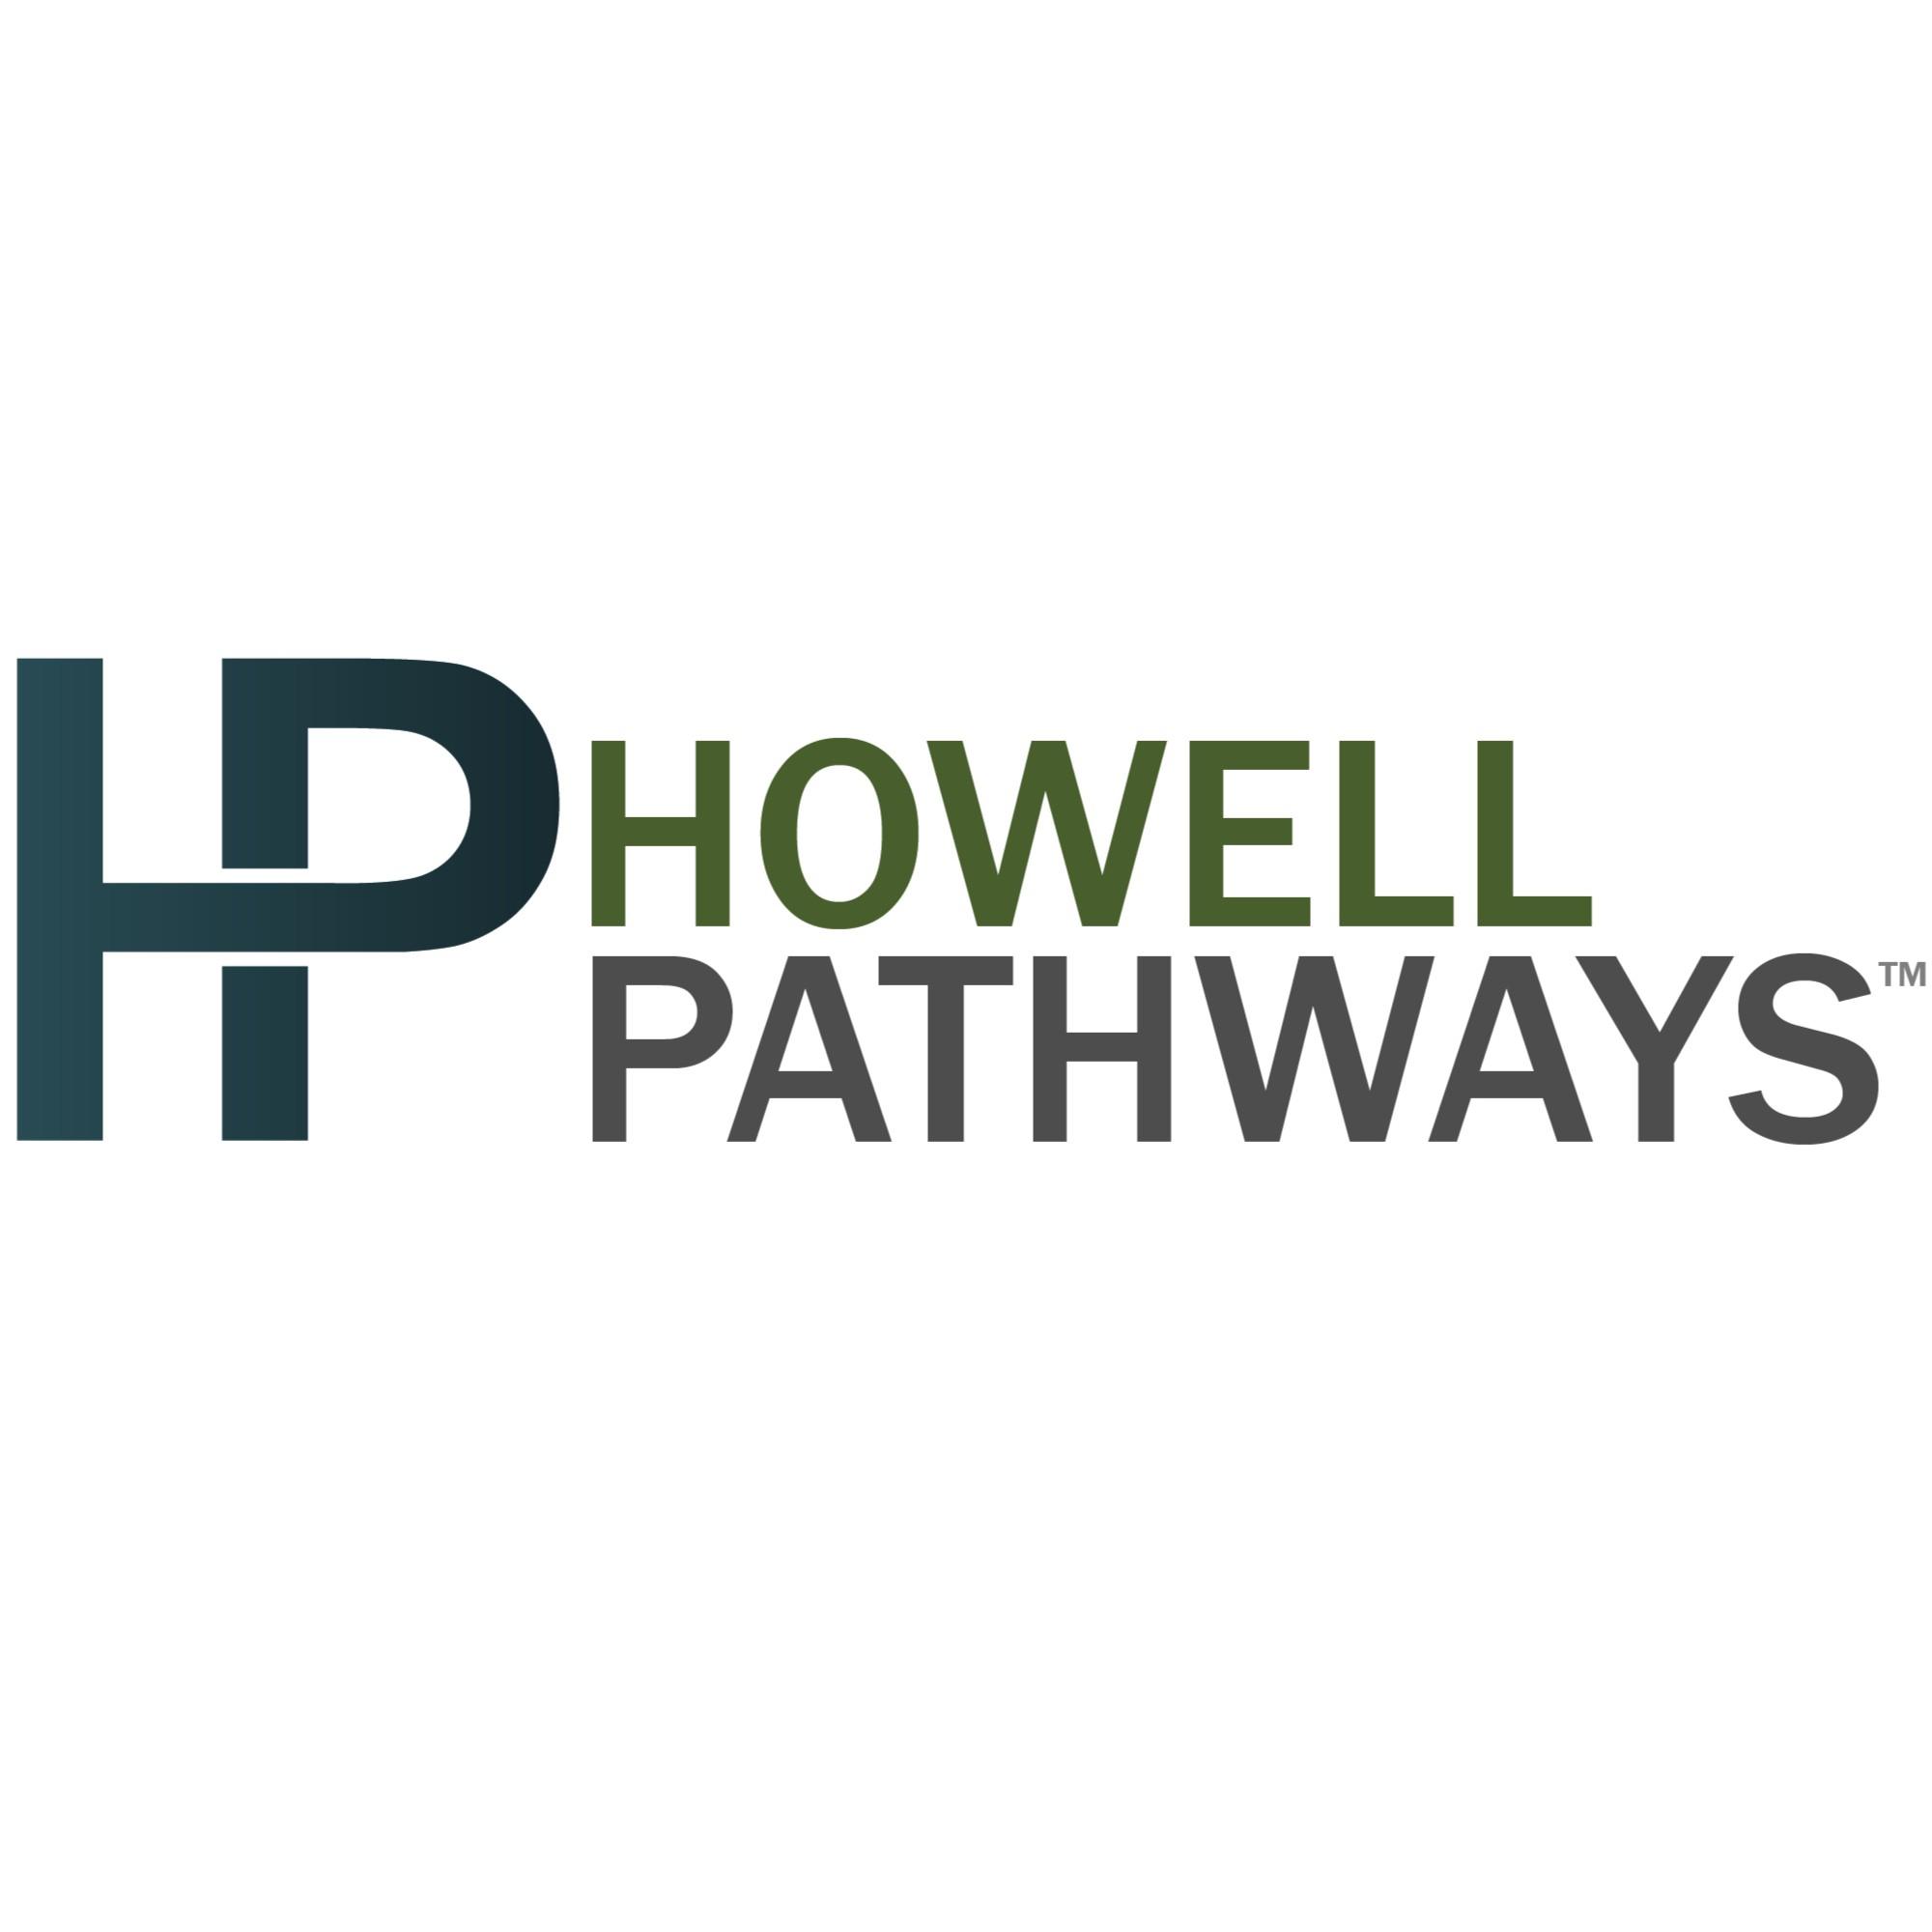 Howell Pathways